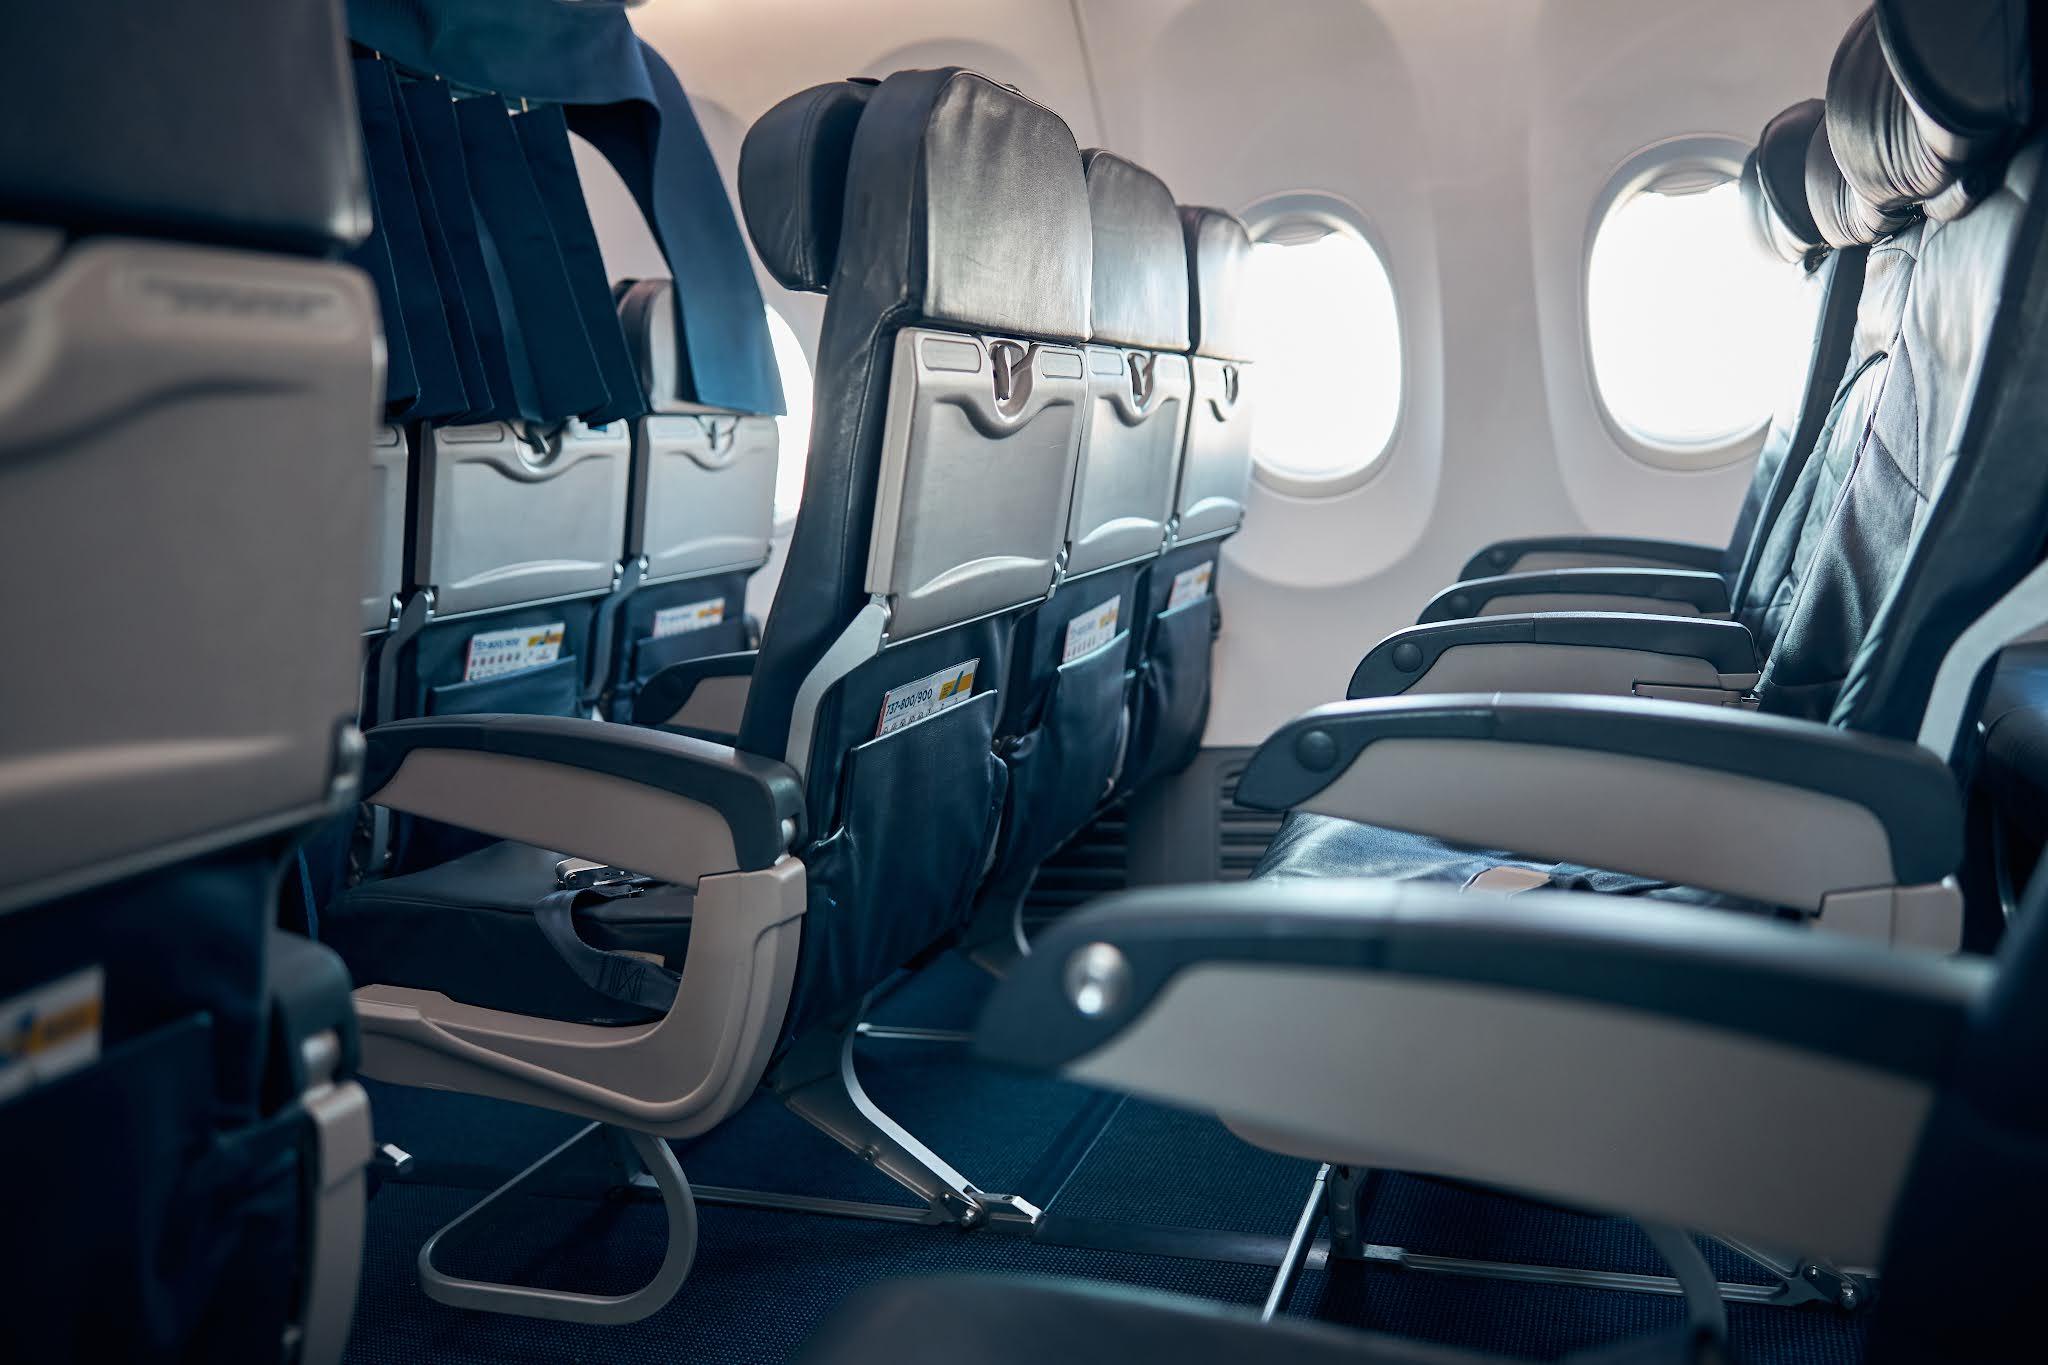 الاتحاد للطيران Etihad يعتمد برنامج إجراءات السفر بسهولة وبشكل سريع في المطار